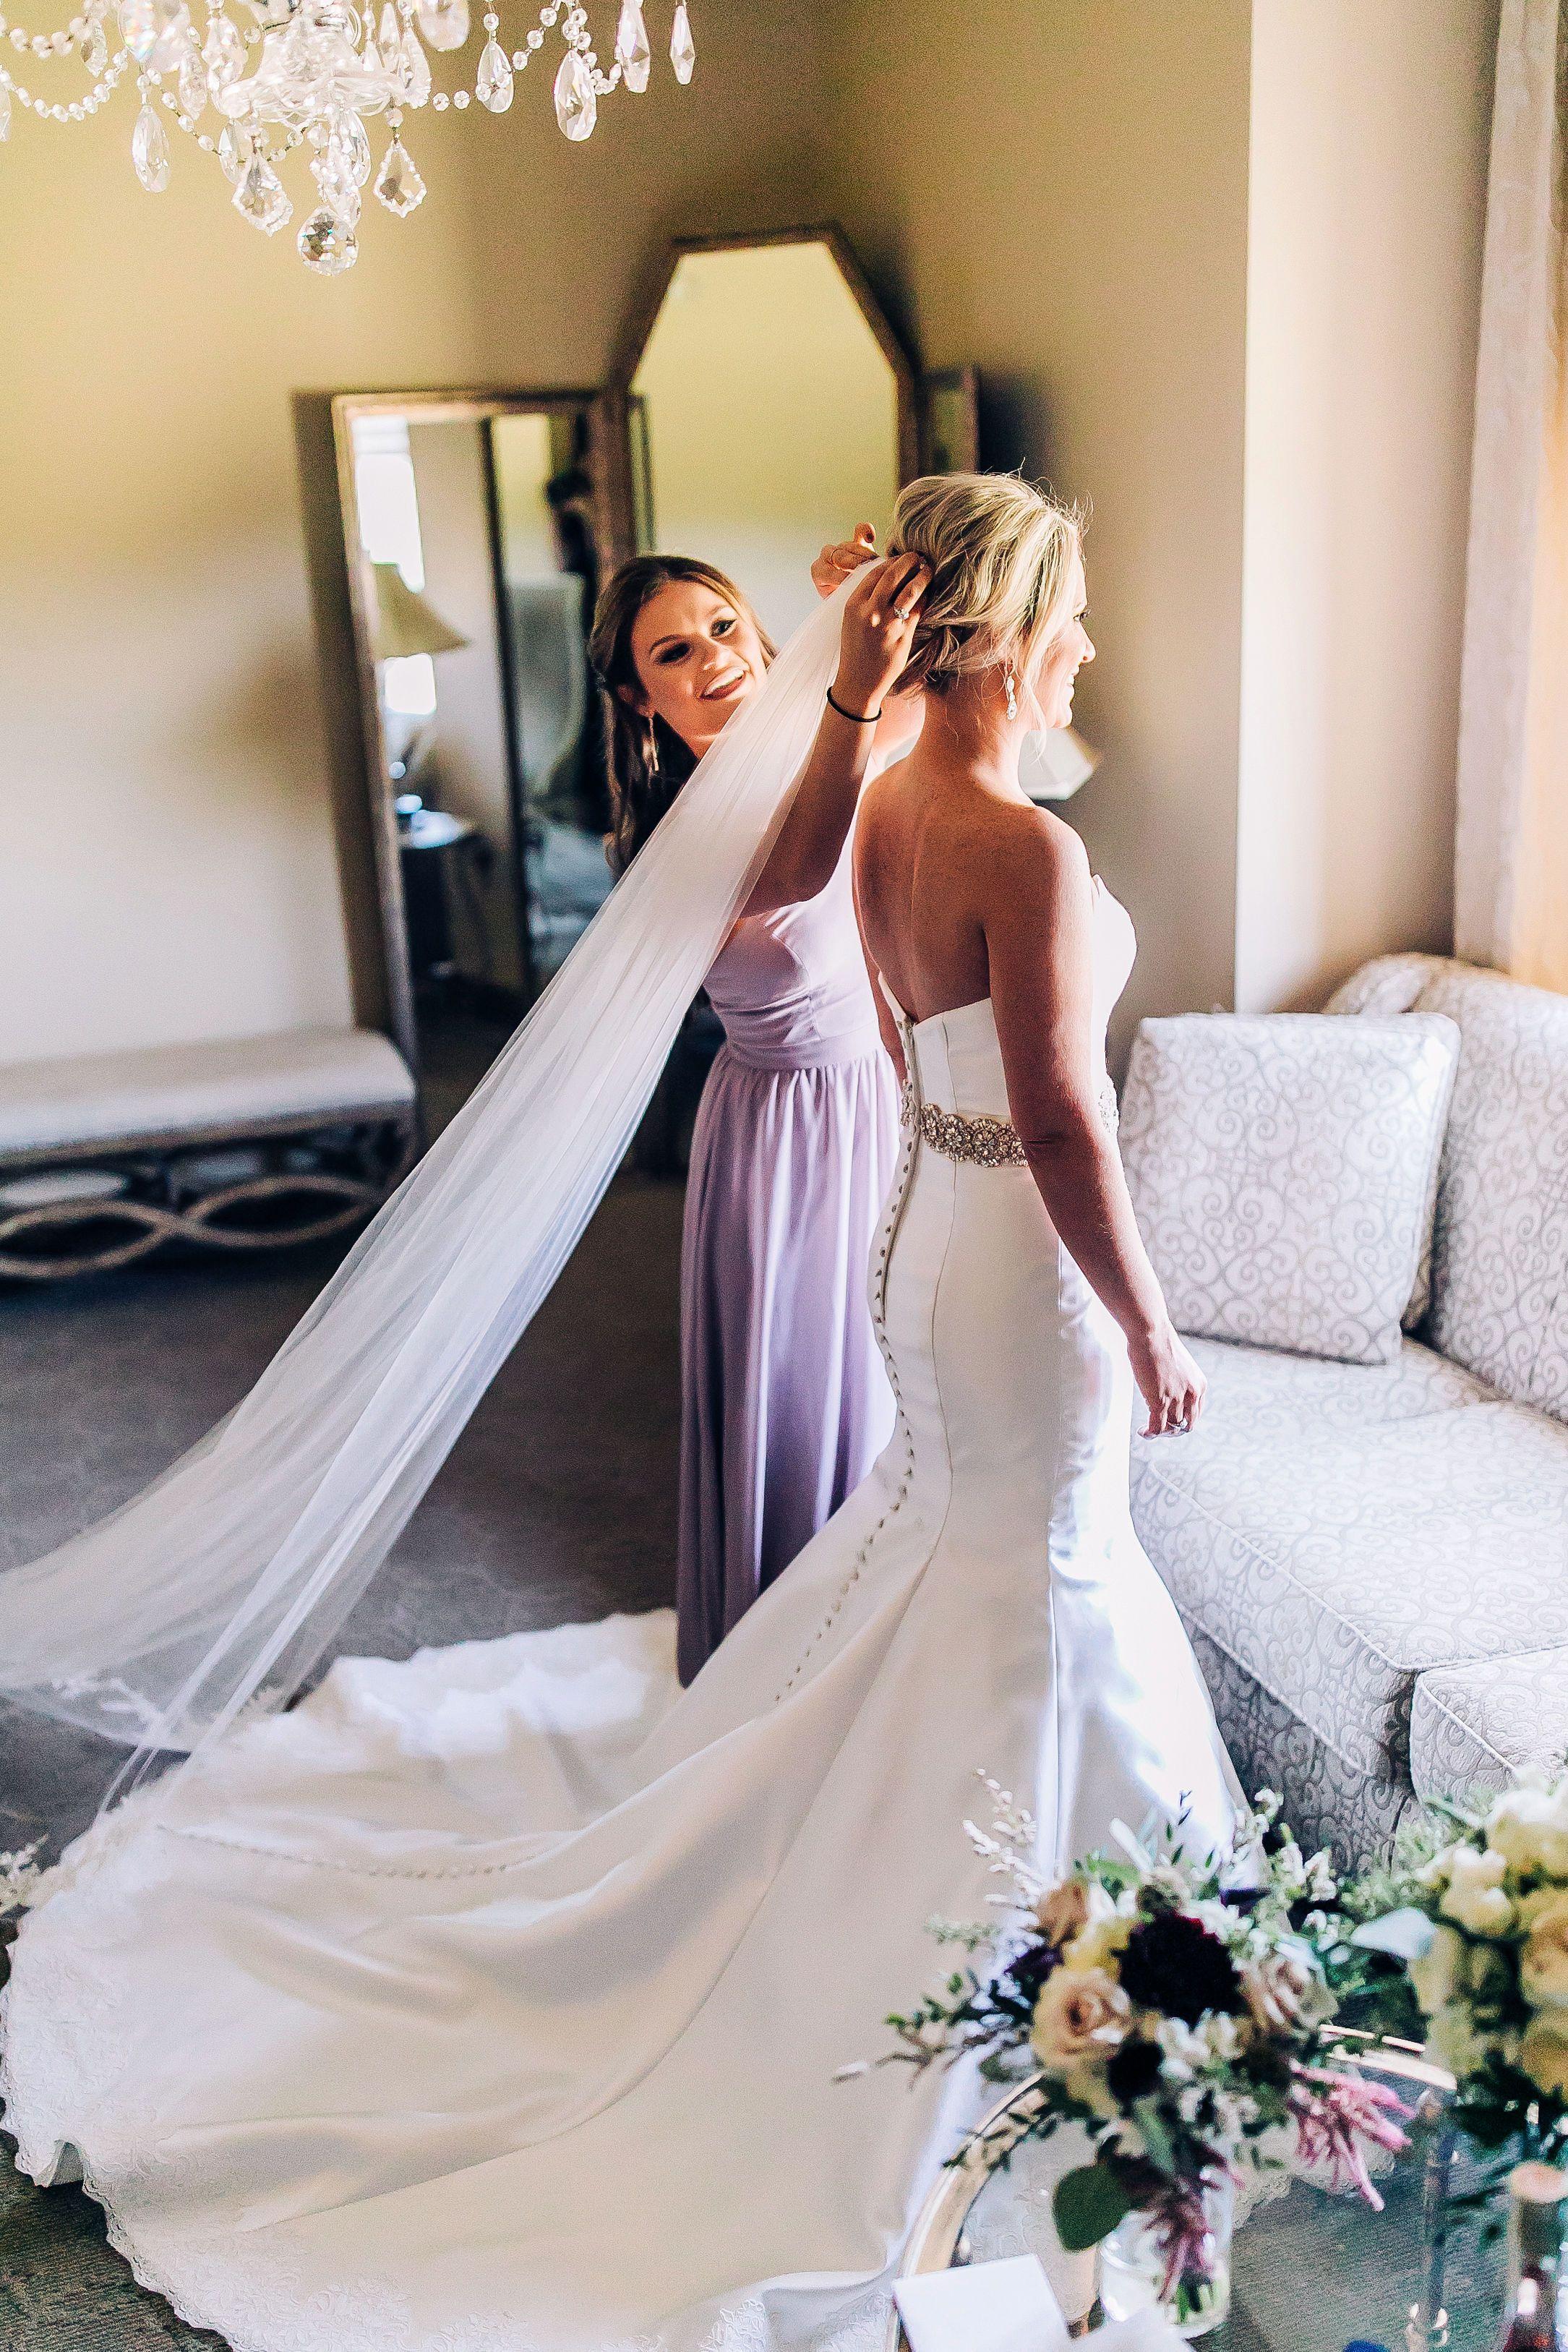 Sarah Emily Hart Bridal Kansas City Wedding Dresses City Wedding Dress Wedding Dresses Wedding Dresses Photos